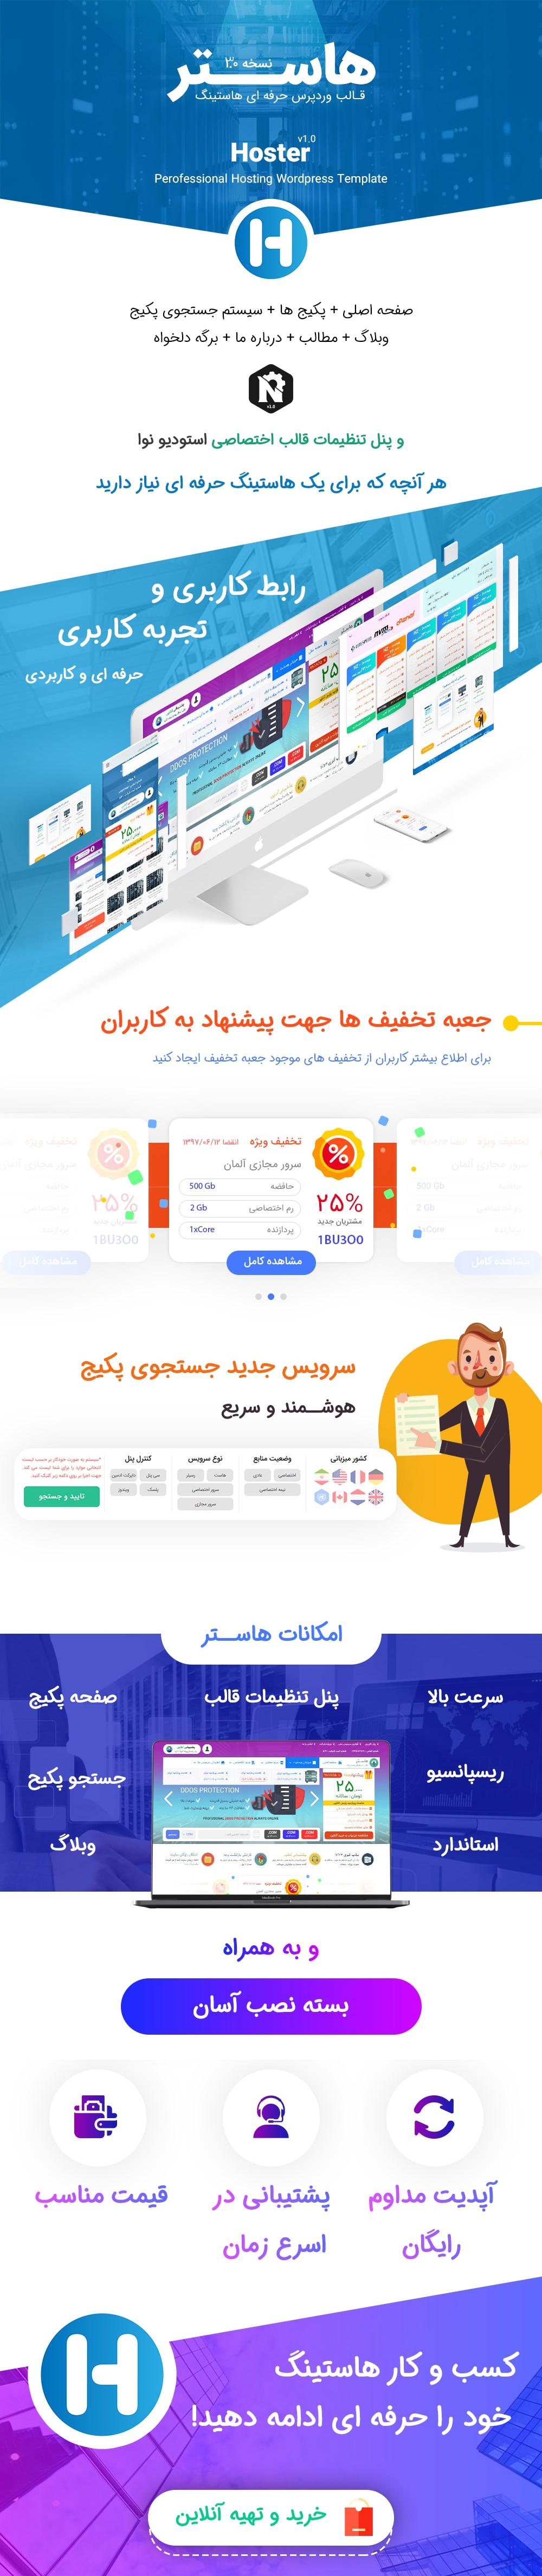 قالب هاستر تم وردپرس ایرانی | قالب هاستینگ هاستر مناسب برای سایتهای هاستینگ و فروش دامنه